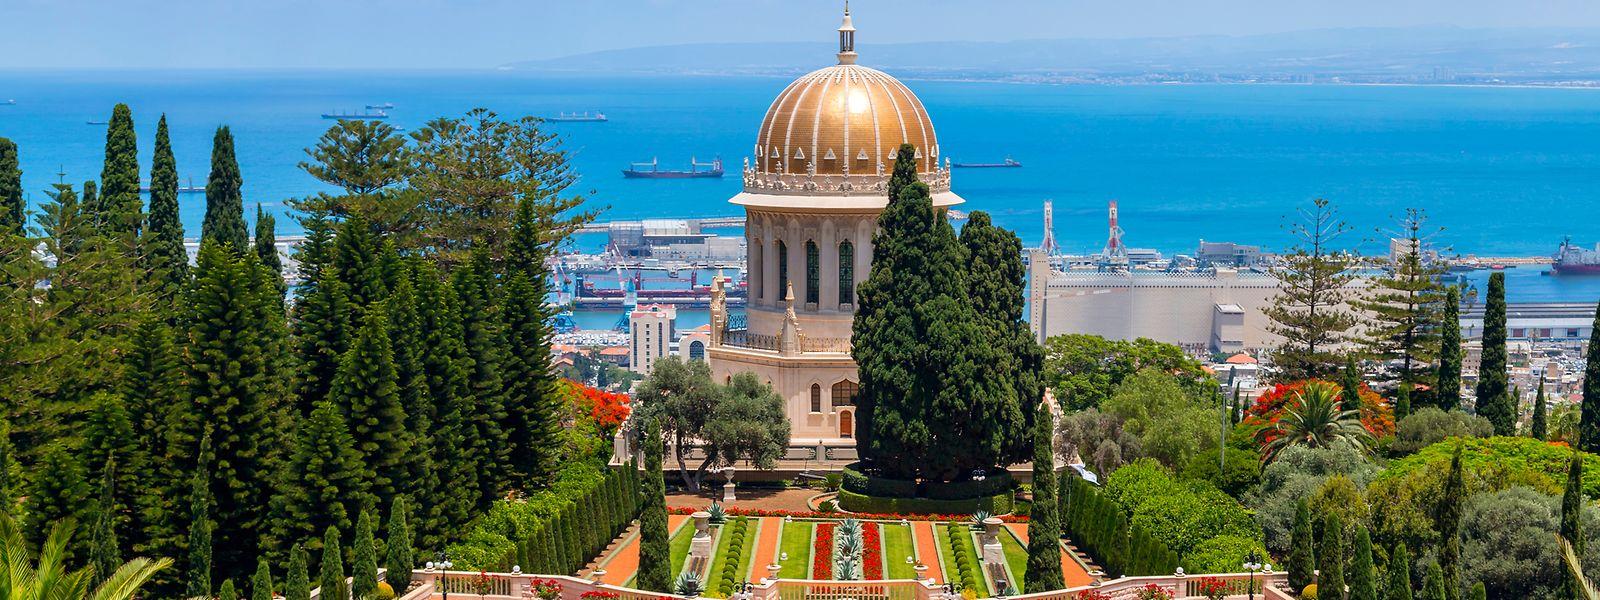 Le jardin bahaï sur le mont Carmel à Haifa en Israël, vénéré par les fidèles.